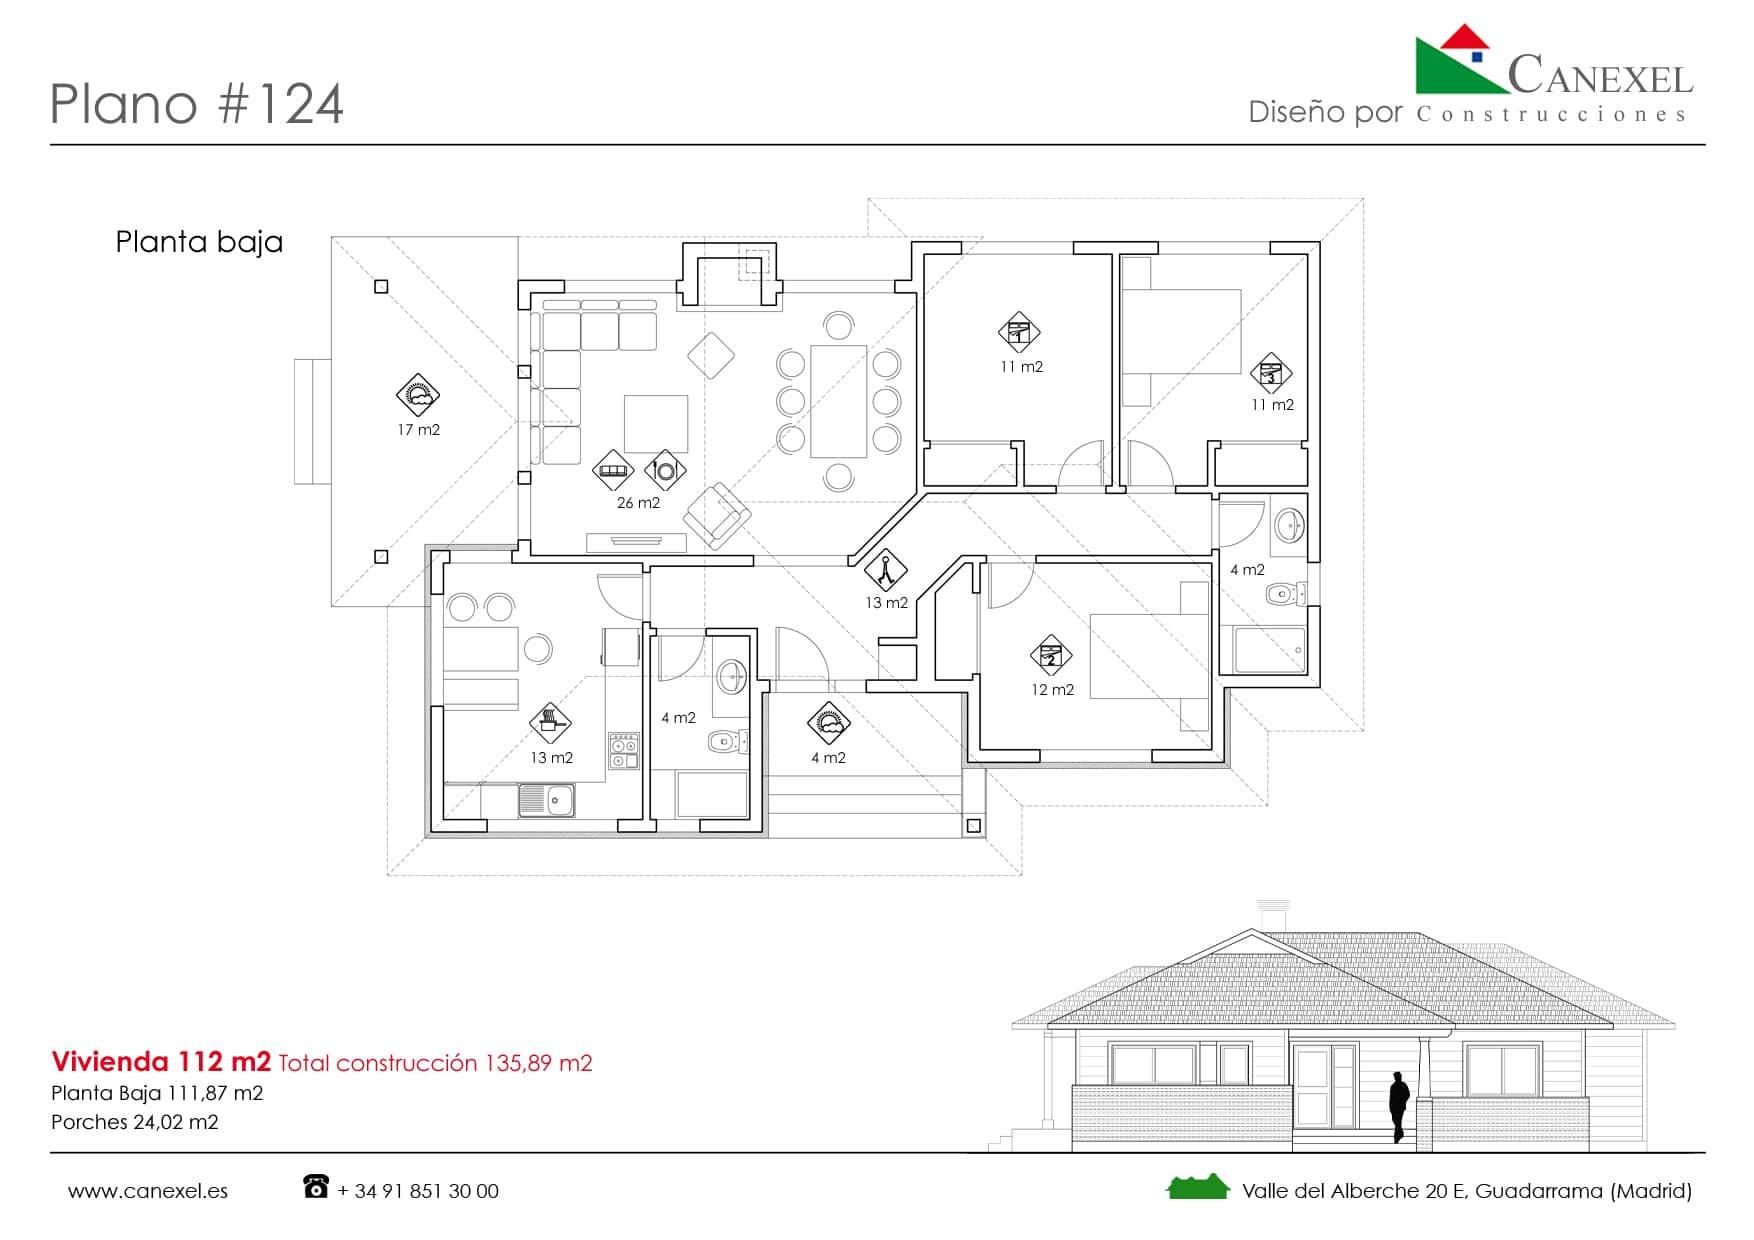 Planos De Casas De Una Planta Canexel - Planos-de-casas-de-una-planta-pequeas